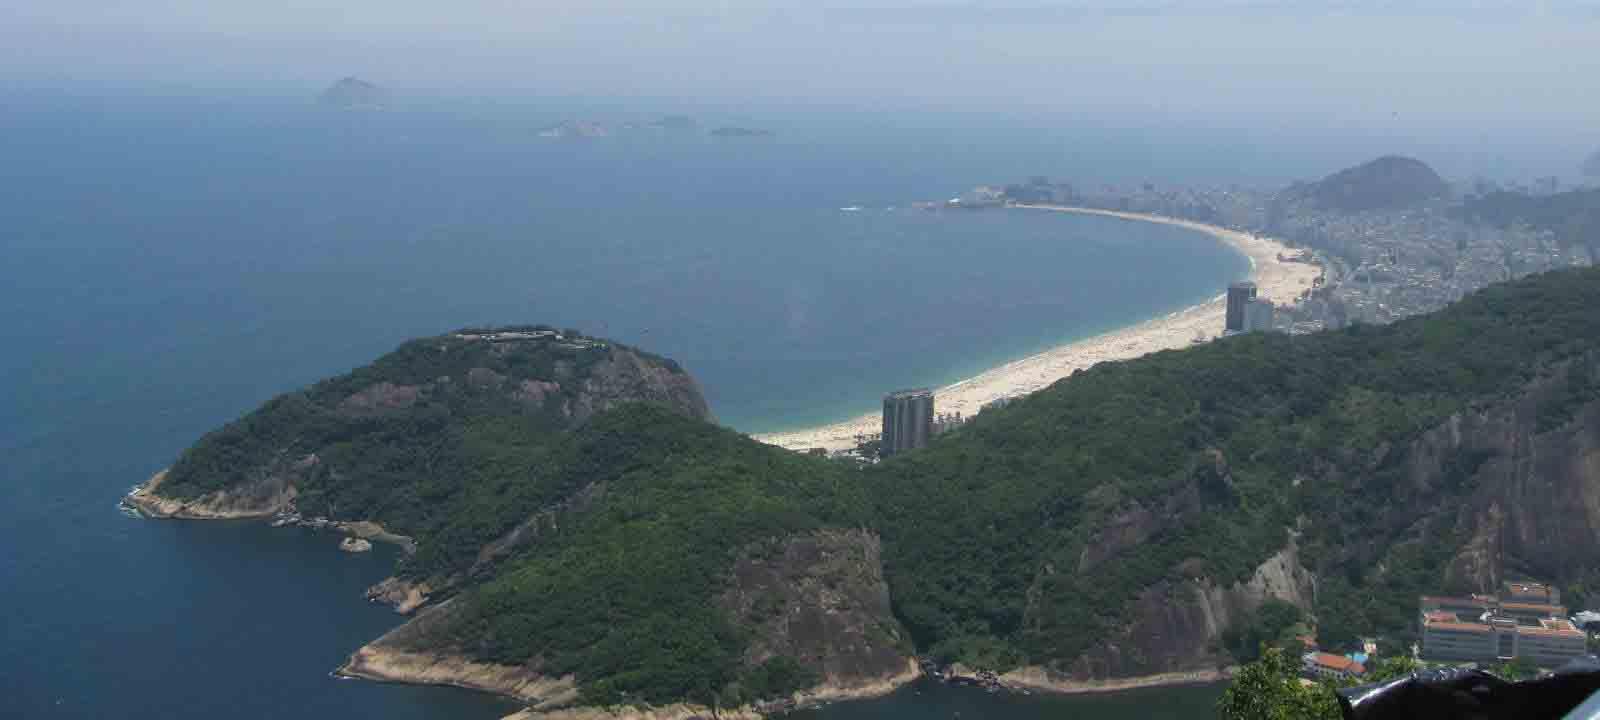 O que fazer no Rio de Janeiro - Bondinho e visão panorâmica